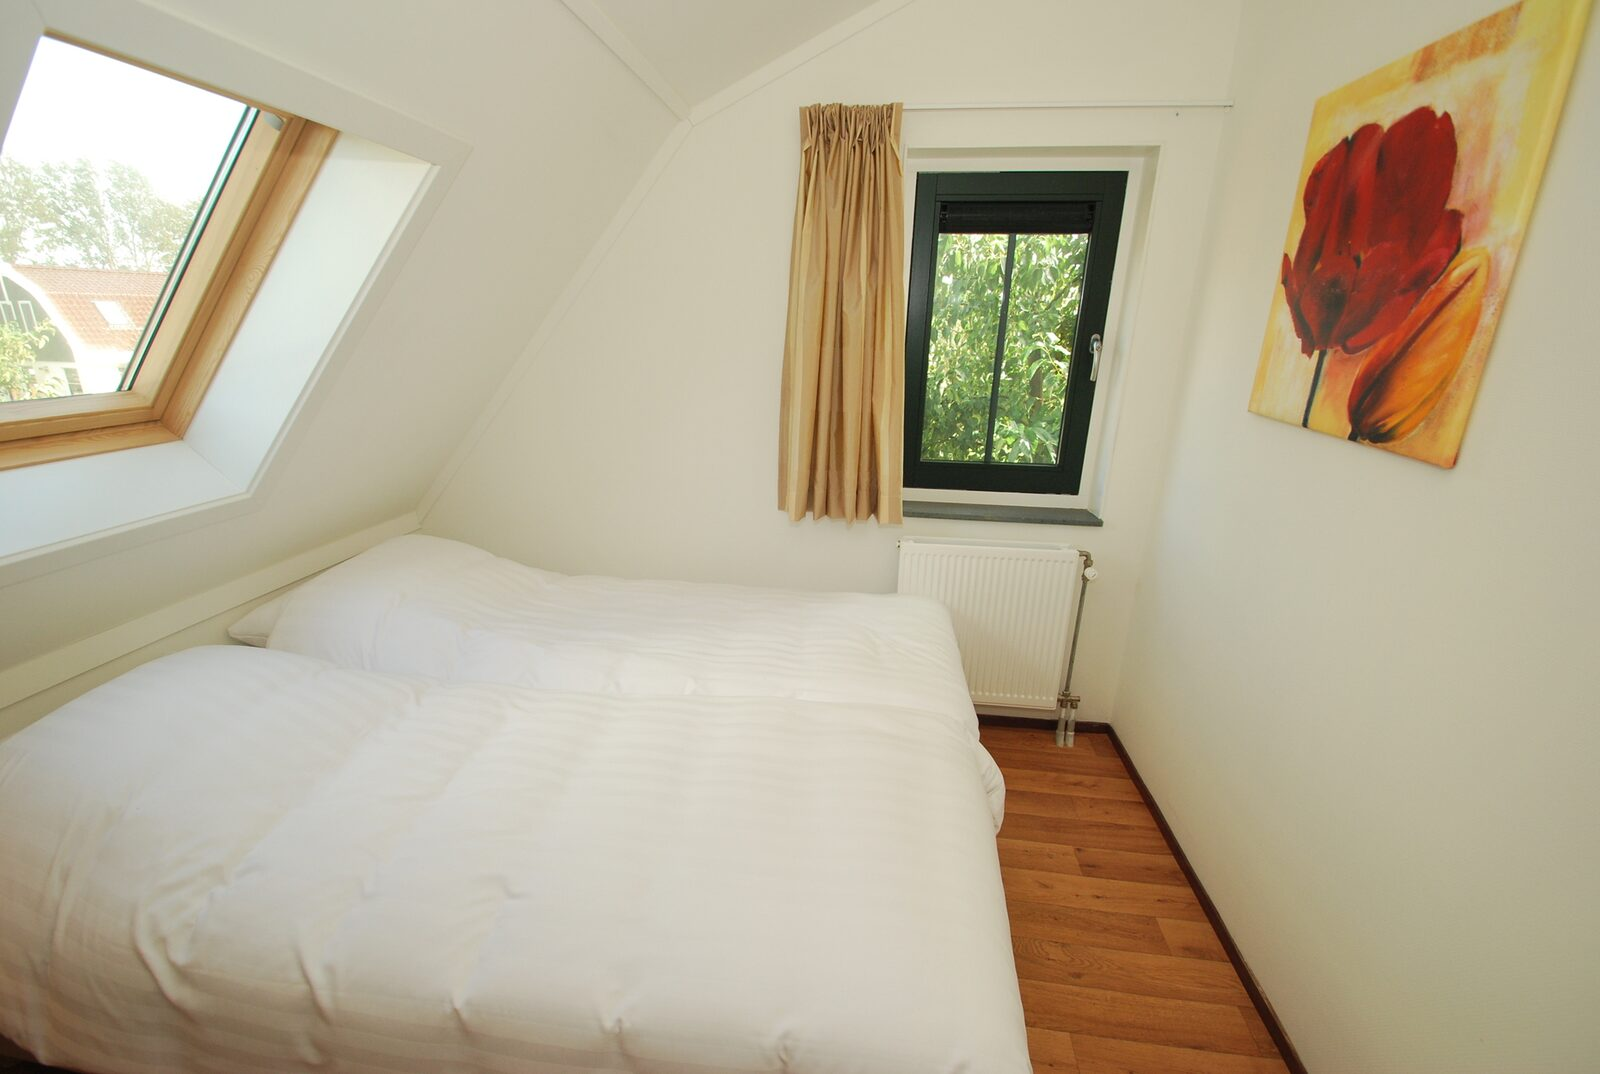 Koningshoeve 4 personen met 3 slaapkamers